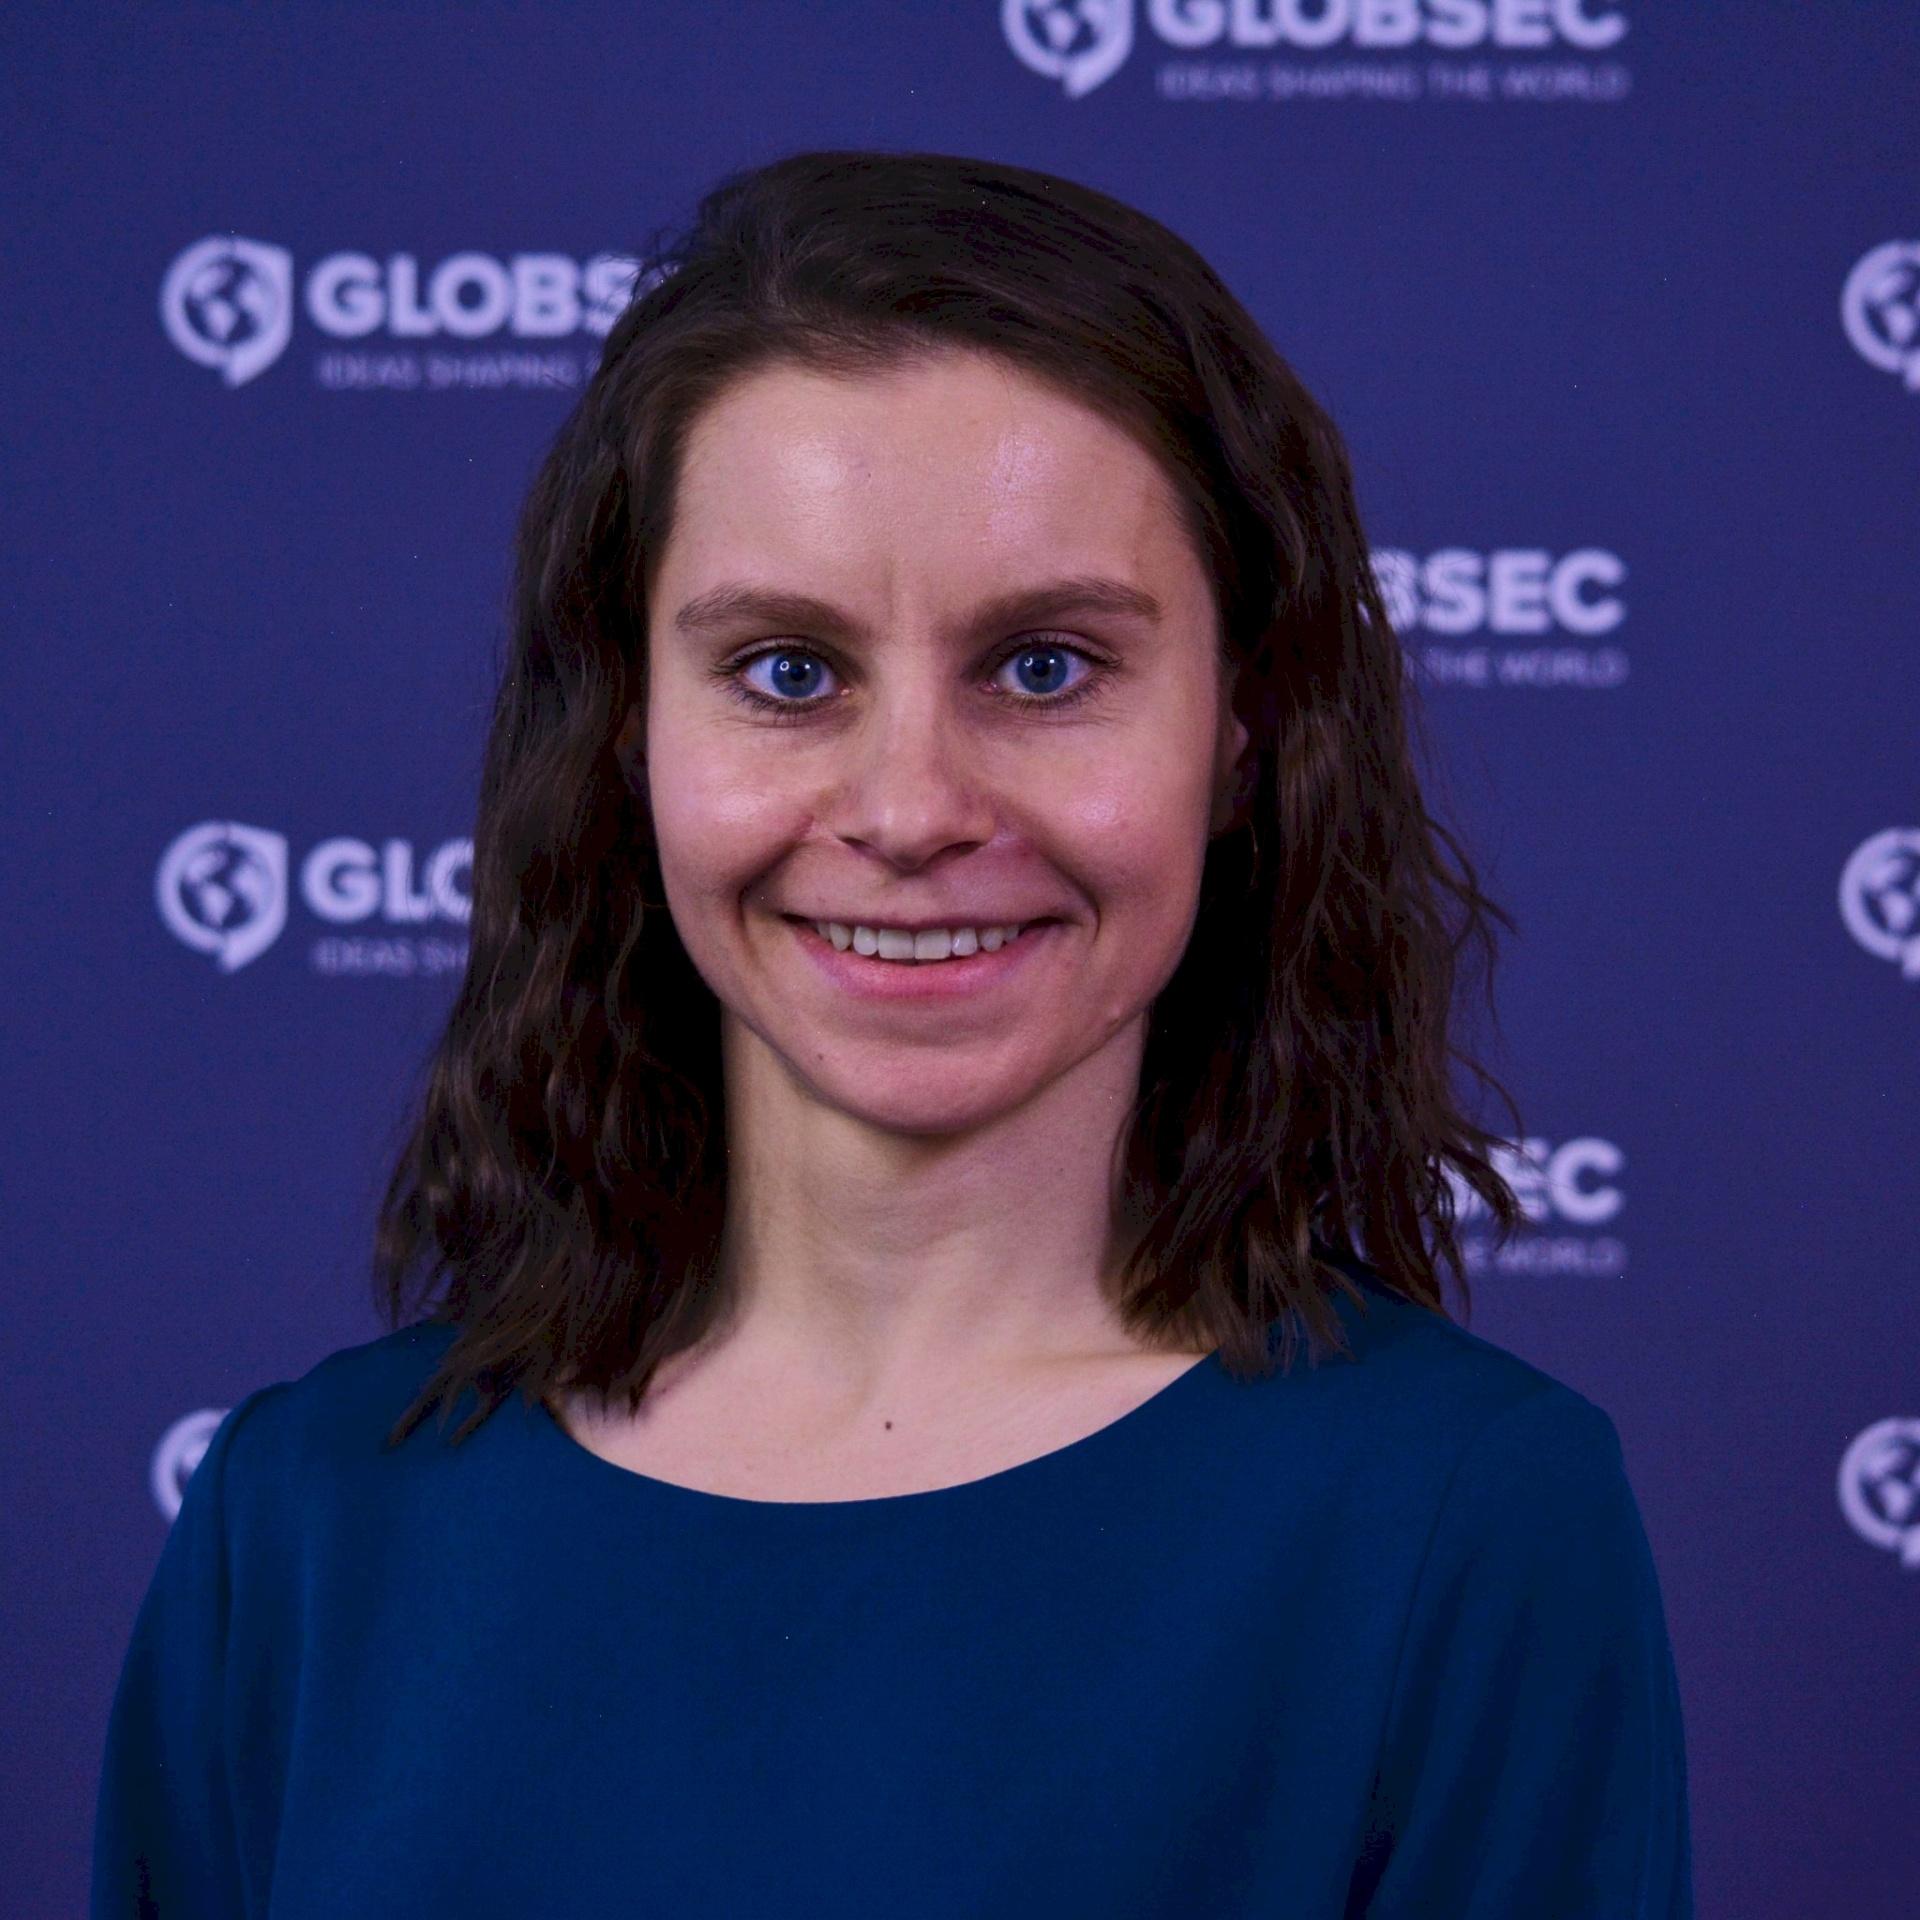 Alena Kudzko